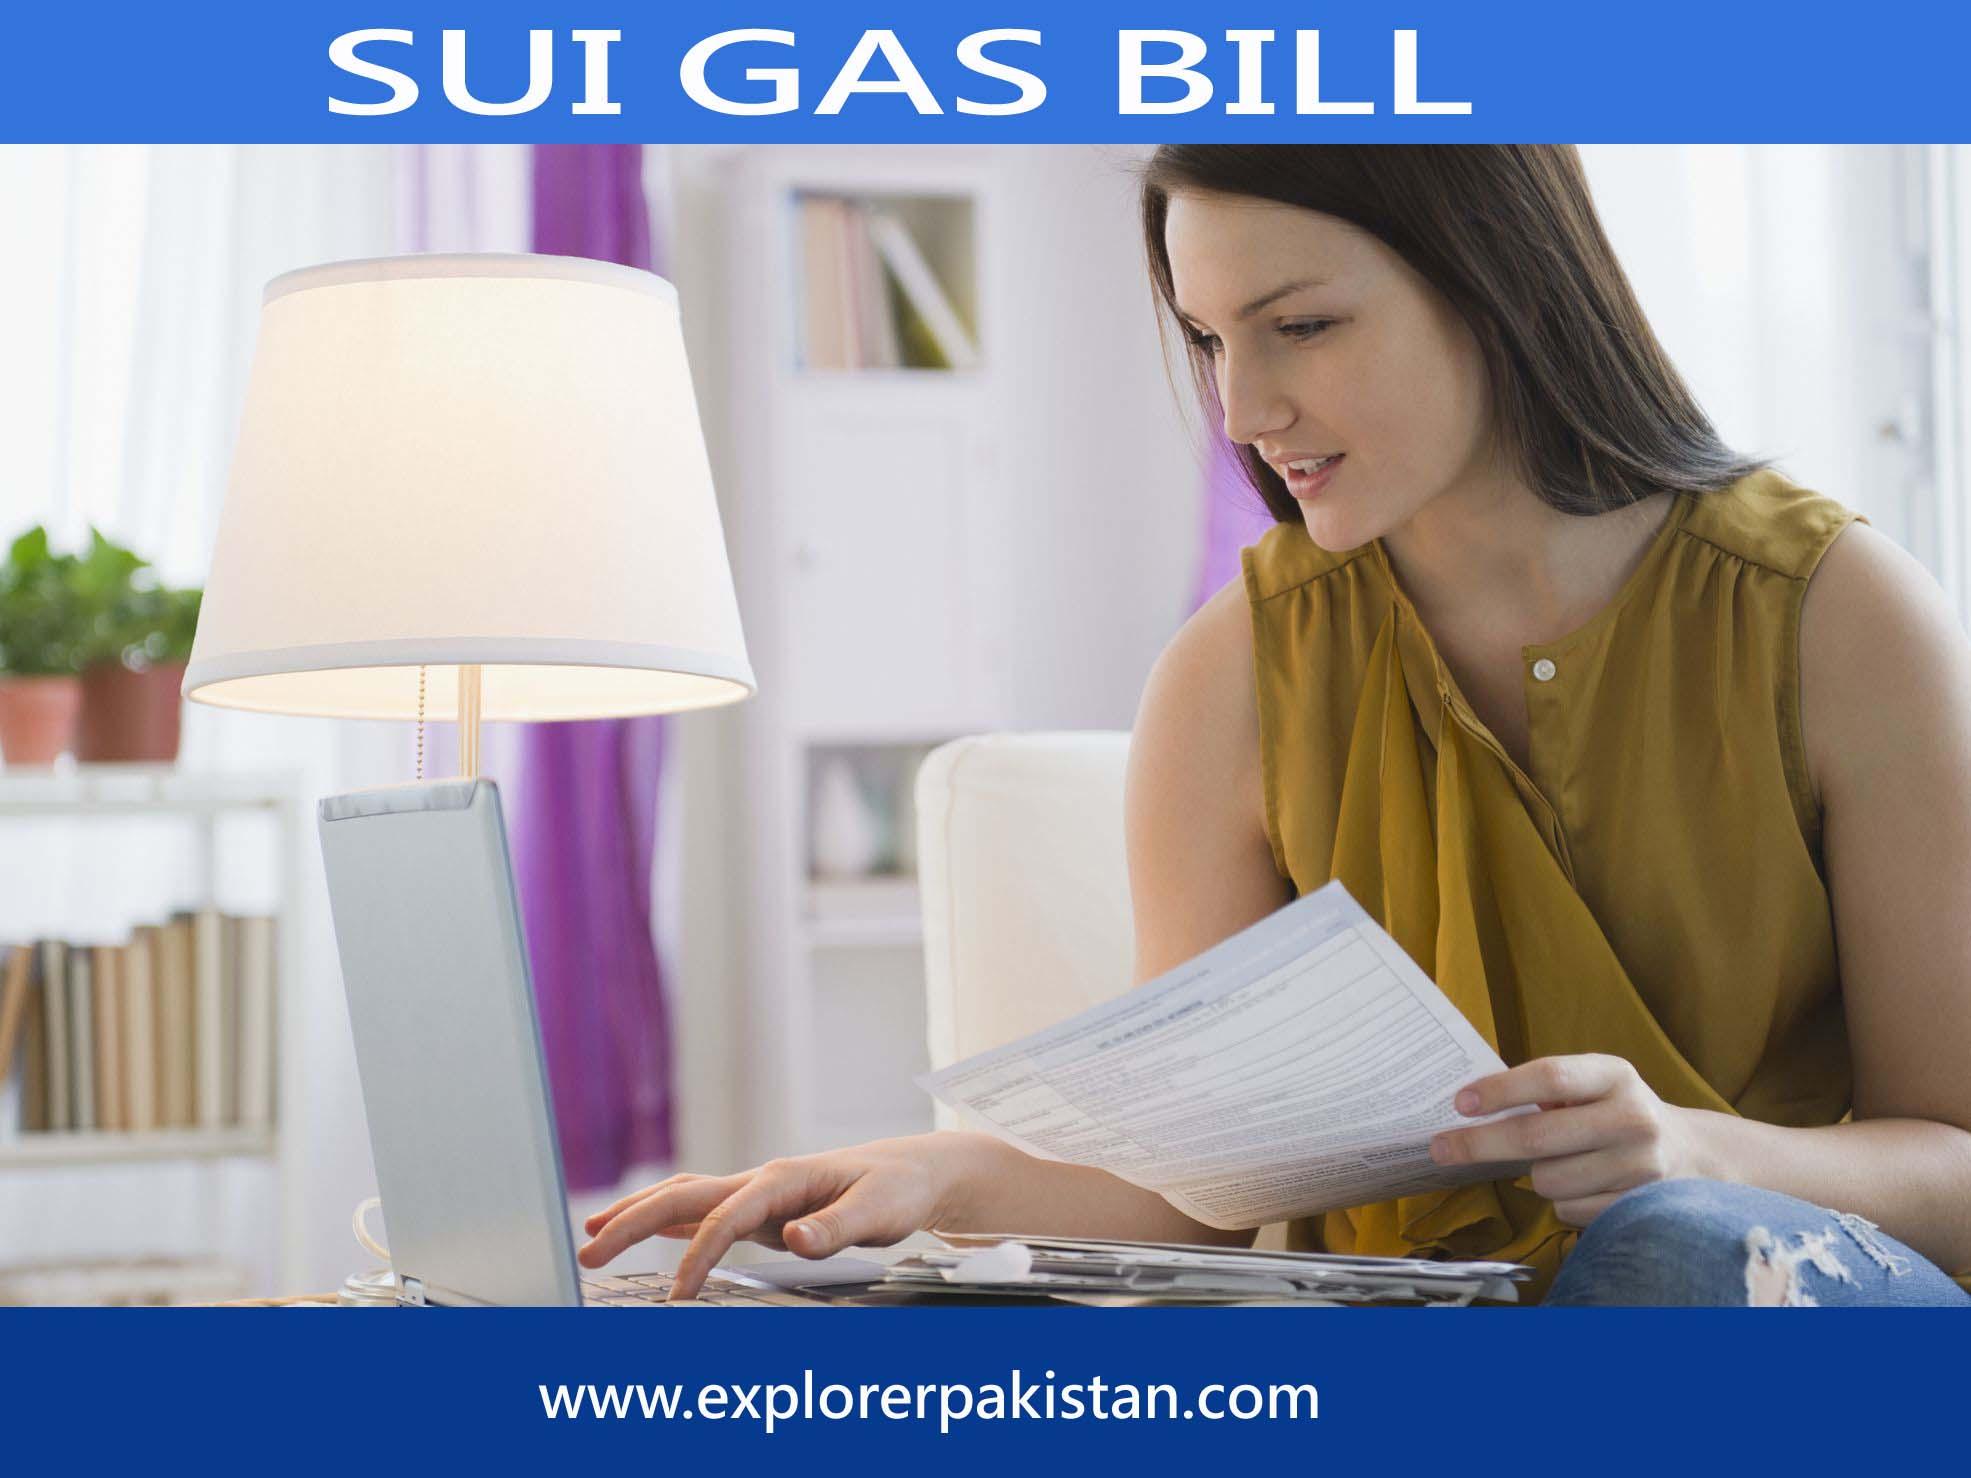 Sui gas bill online